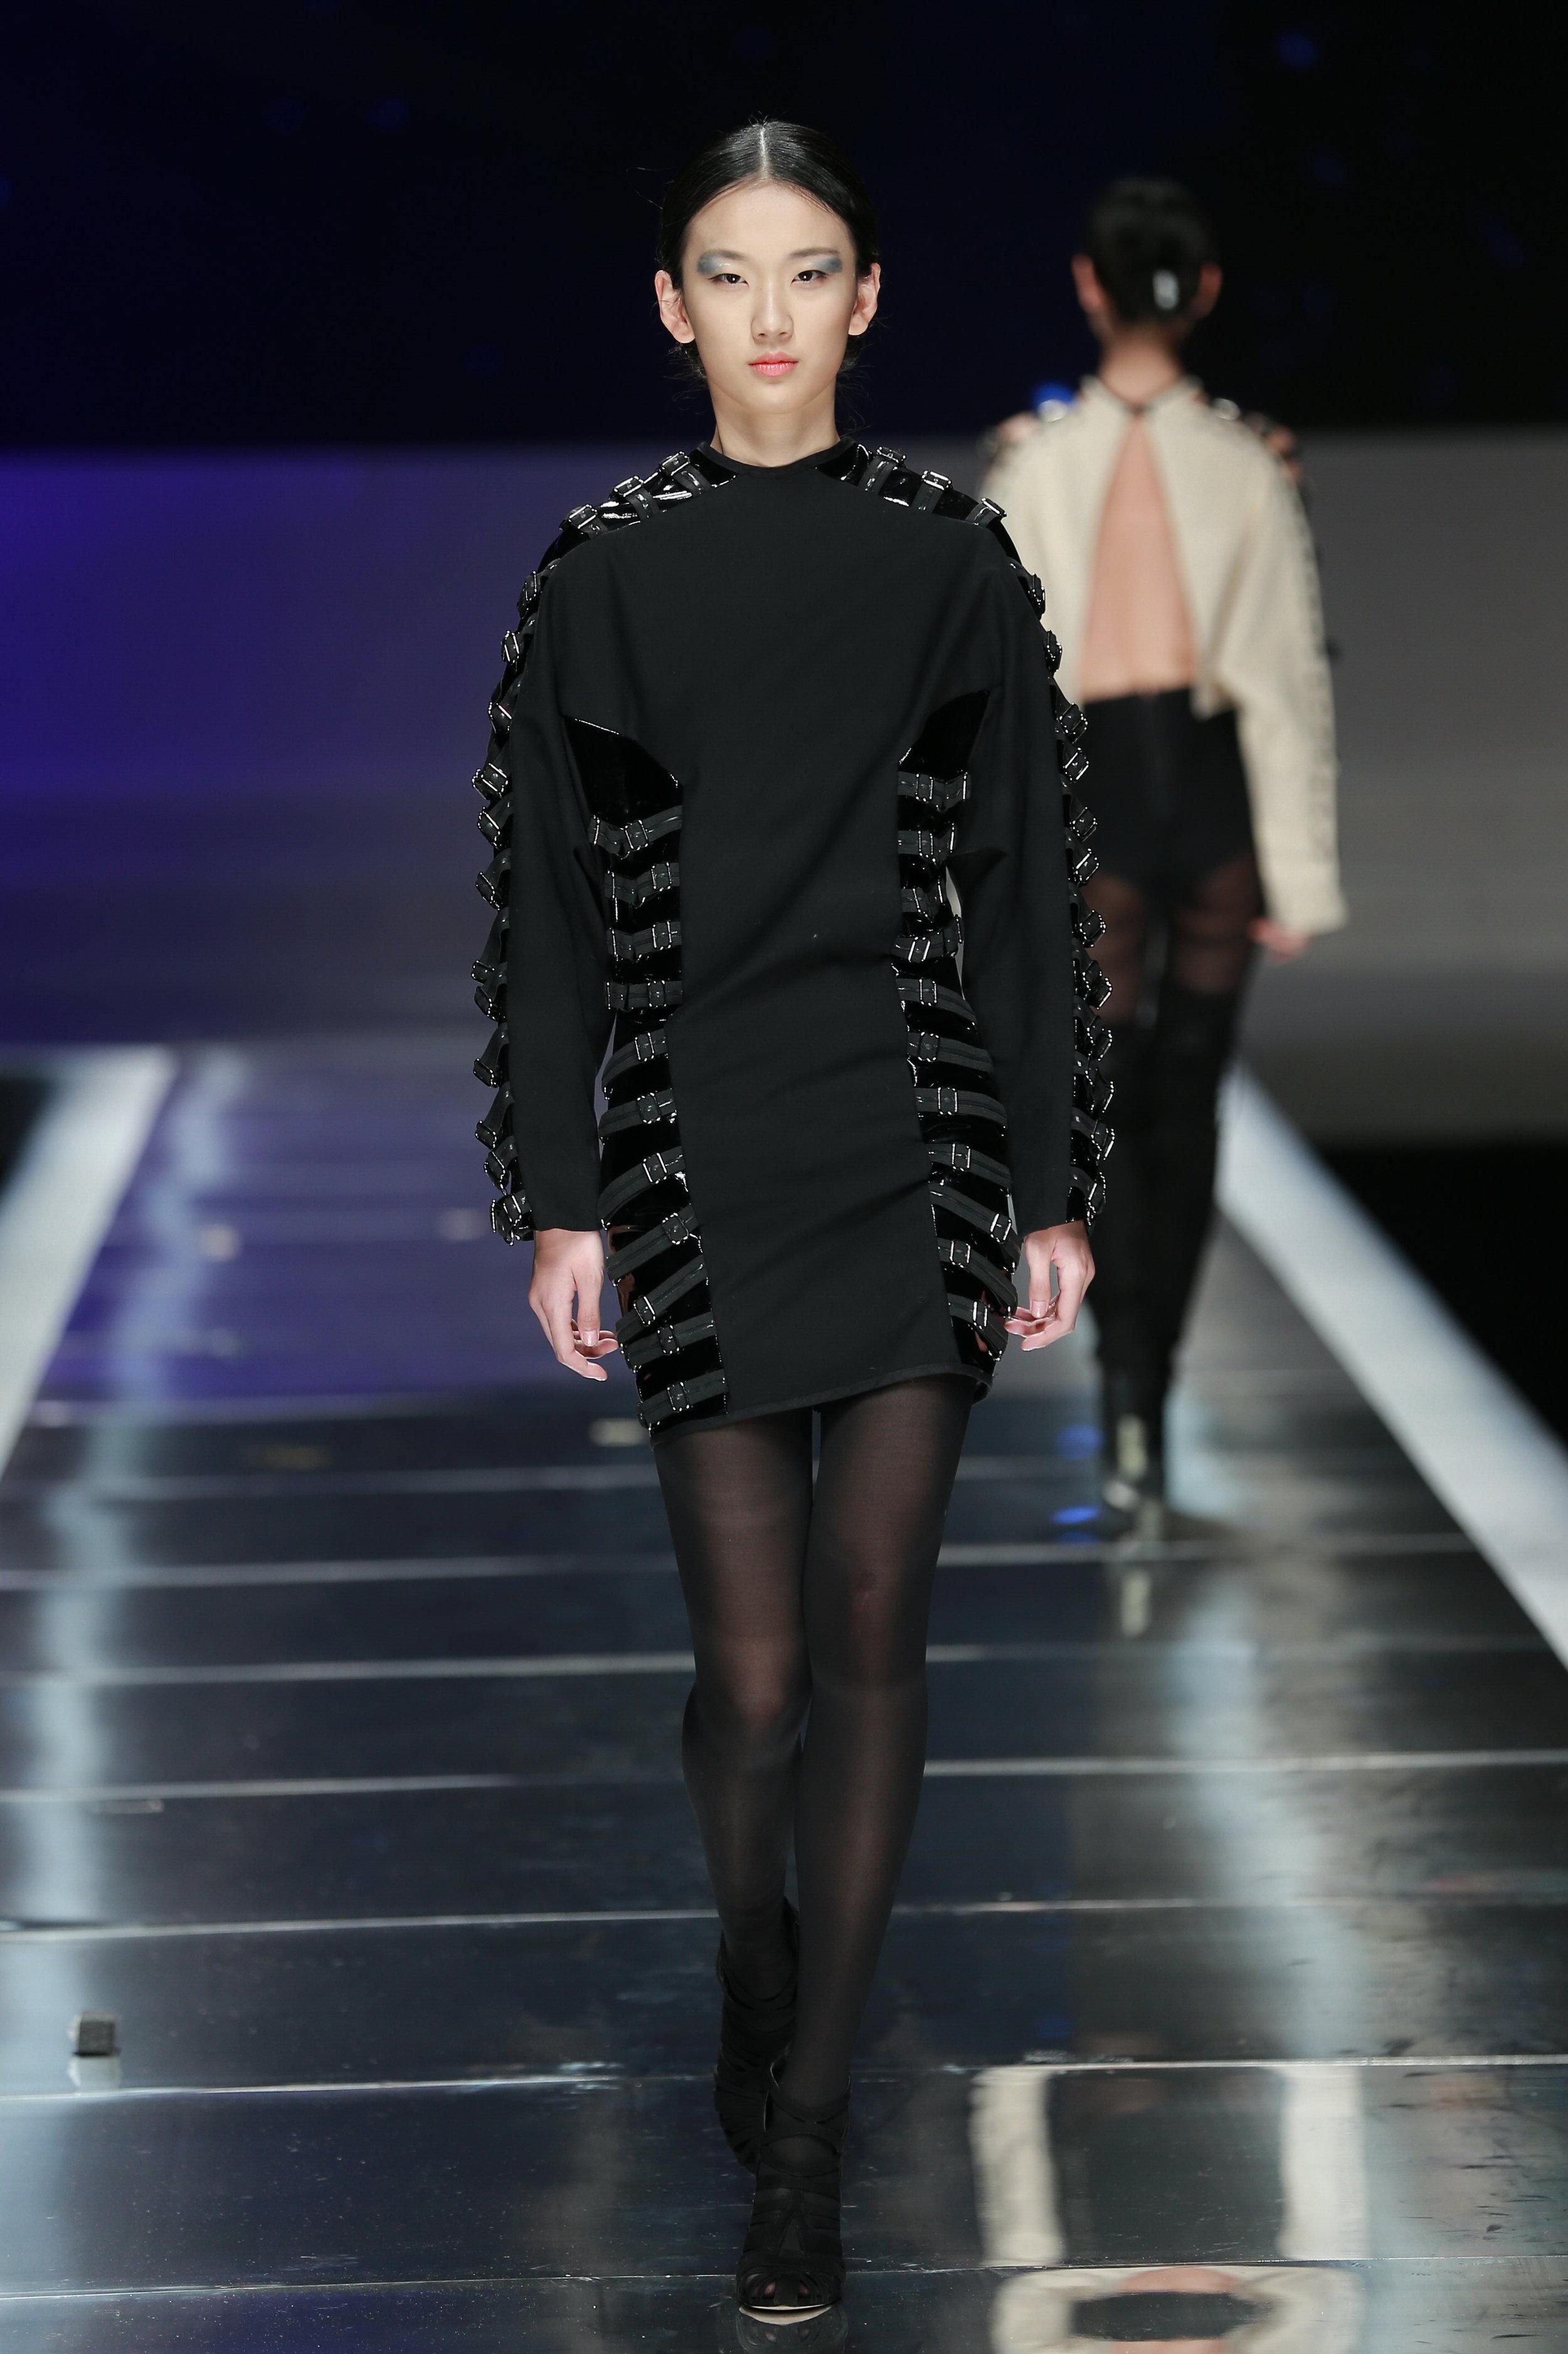 China-dress-ebru-berkiden-fashion-mode-kleidung-kleid.JPG